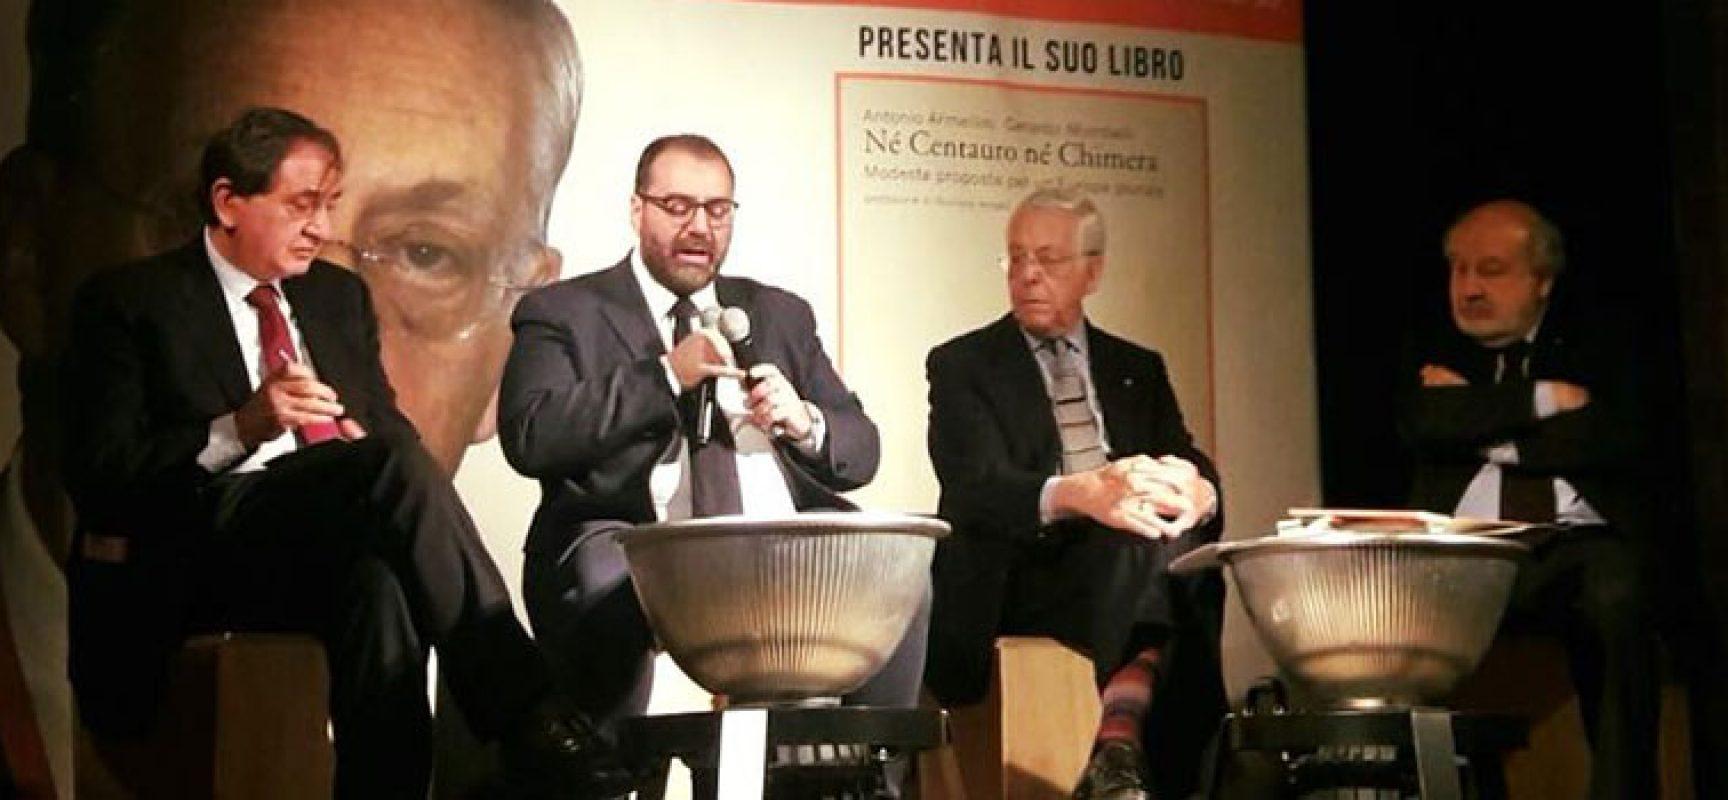 """""""Nè centauro nè chimera"""": l'ambasciatore Antonio Armellini espone il suo progetto per un'Europa plurale"""